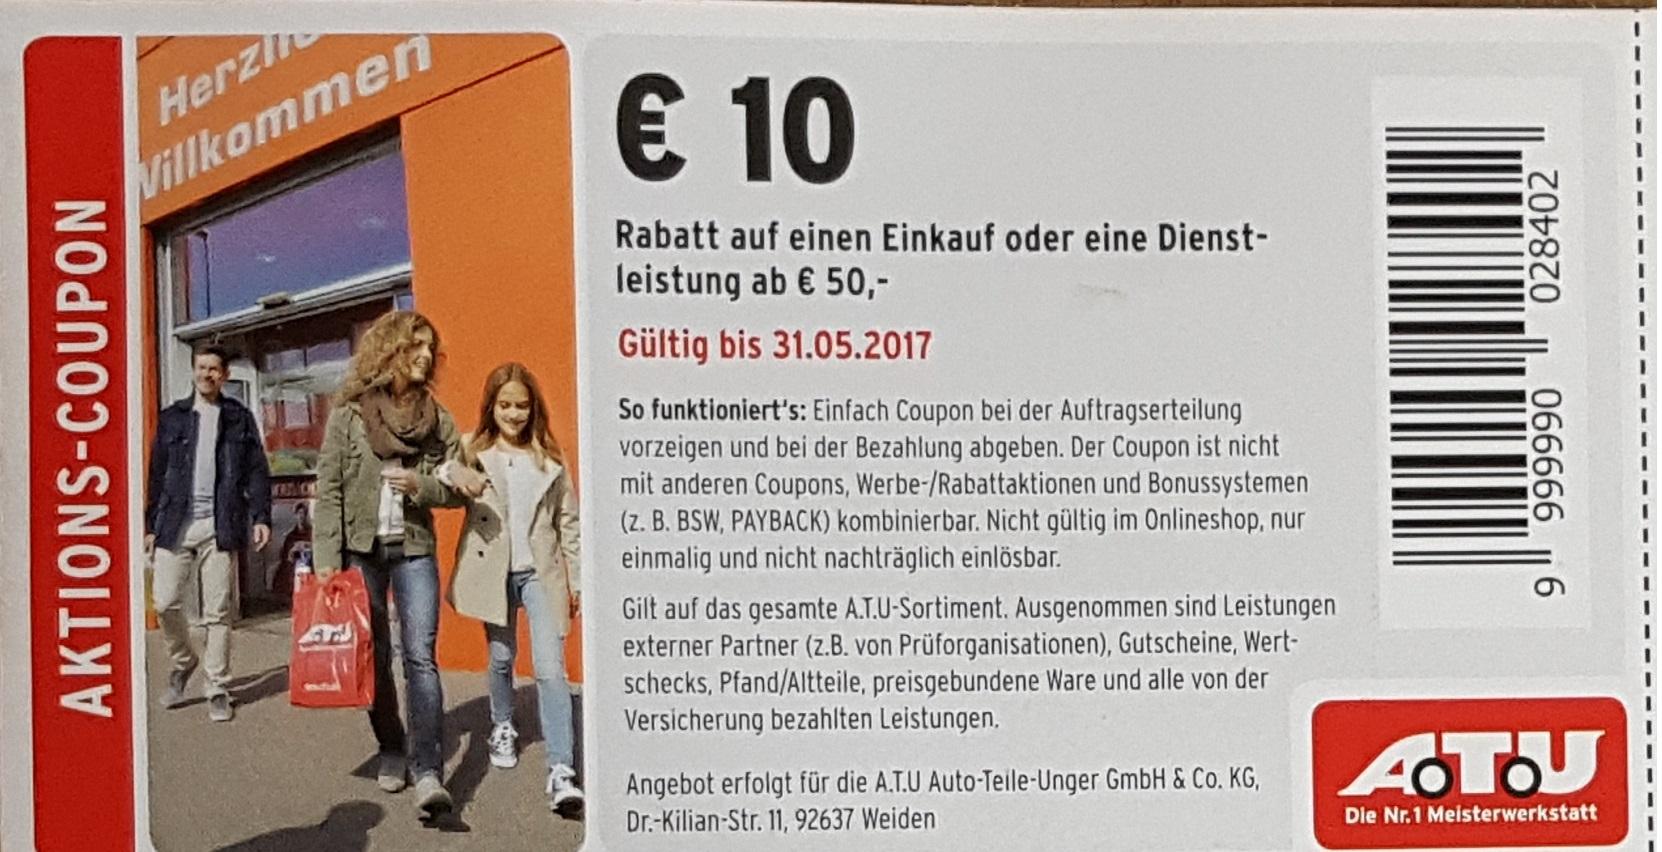 [ATU - offline] In ATU Filialen gibt es 10€ Rabatt auf einen Einkauf oder einer Dienstleistung ab 50€